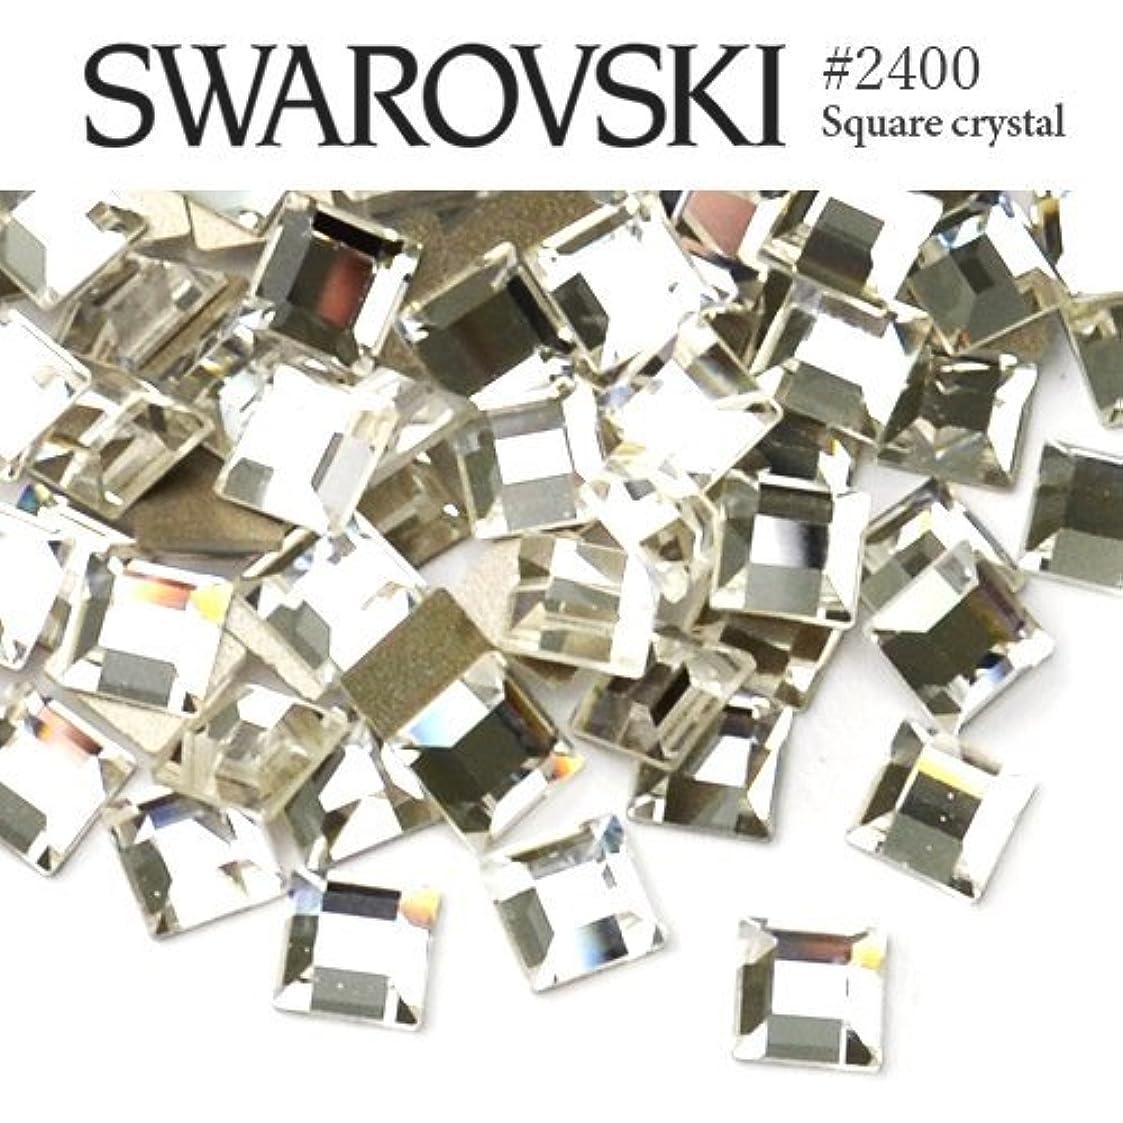 広告ベアリング出発する#2400 スクエア (正方形) [クリスタル] 3mm 20粒入り スワロフスキー ラインストーン